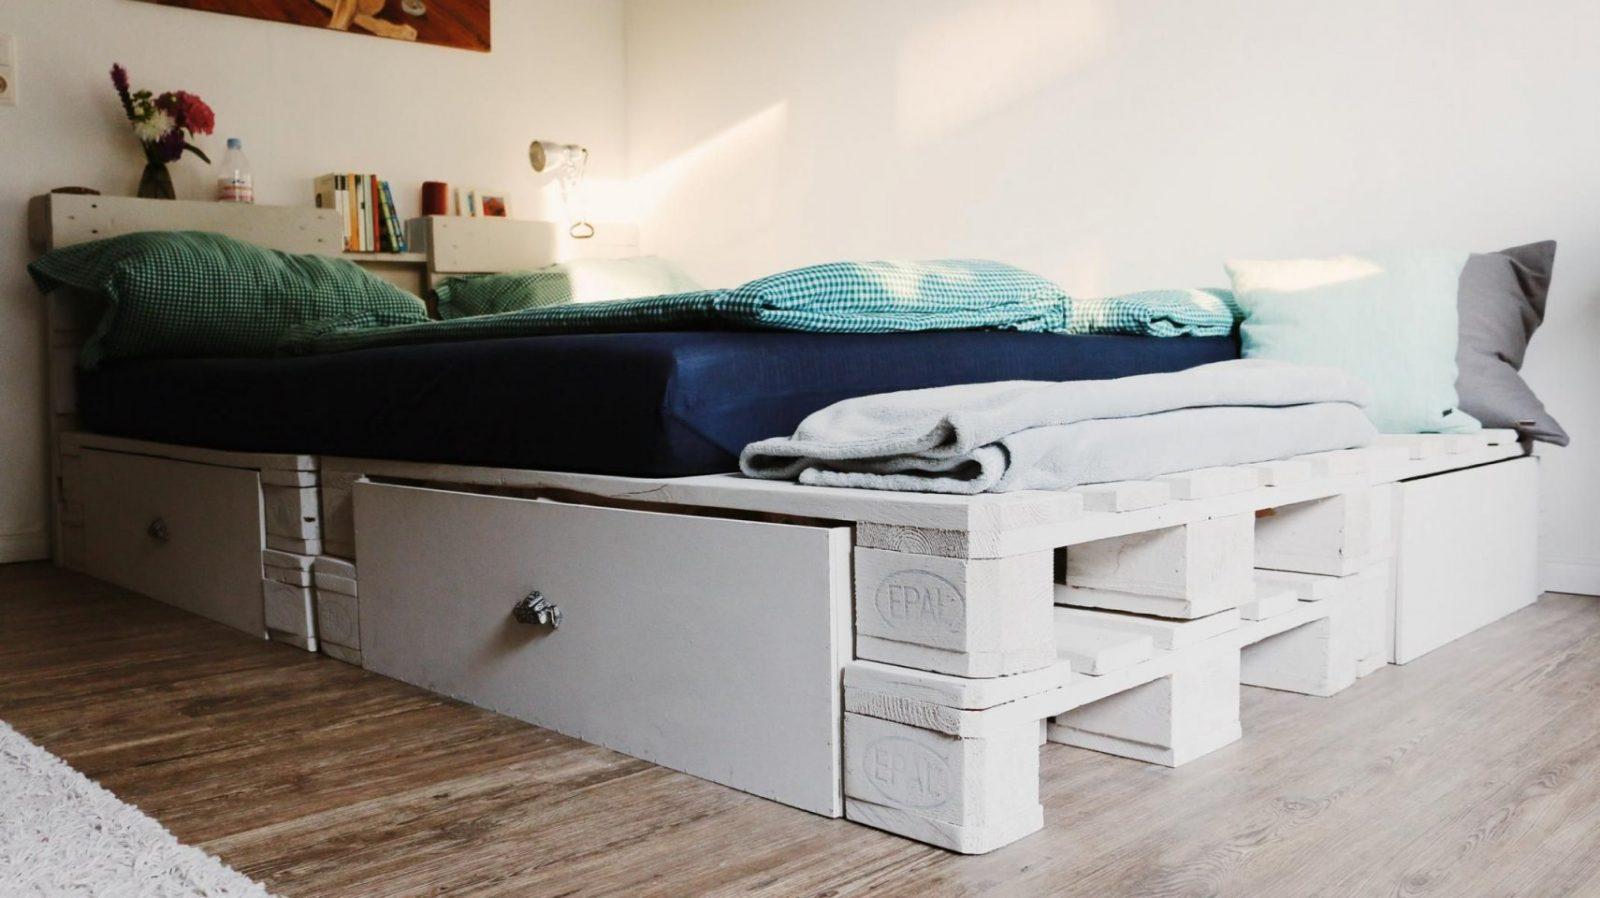 Full Size of Bauanleitung Bauplan Palettenbett Bett Aus Europaletten 140x200 Anleitung Zuhause Wohnzimmer Bauanleitung Bauplan Palettenbett